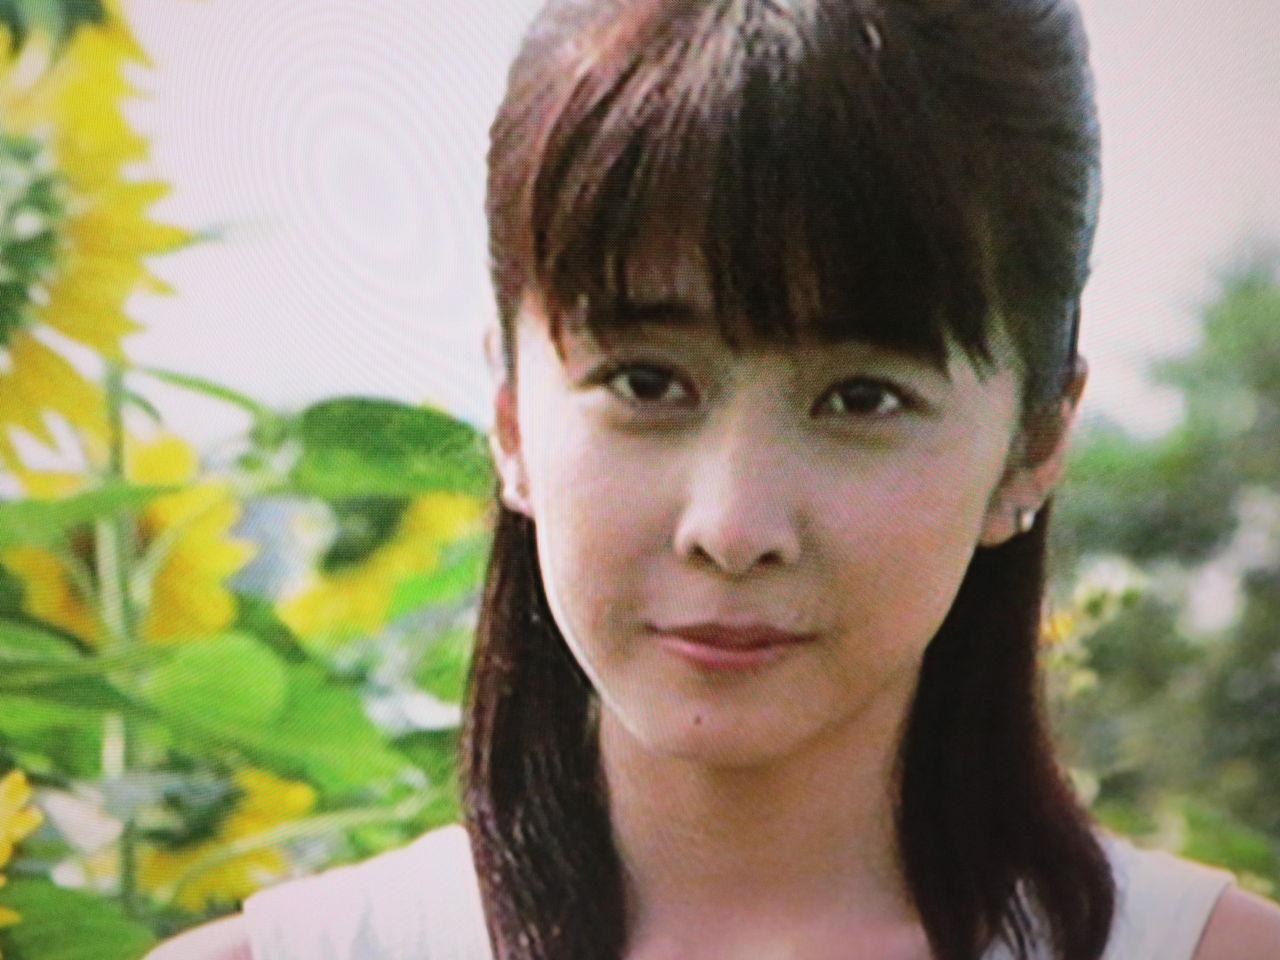 いま、会いにゆきます 内結子 若い頃 かわいい 美人 自殺 水着姿 写真集 ドラマ 映画